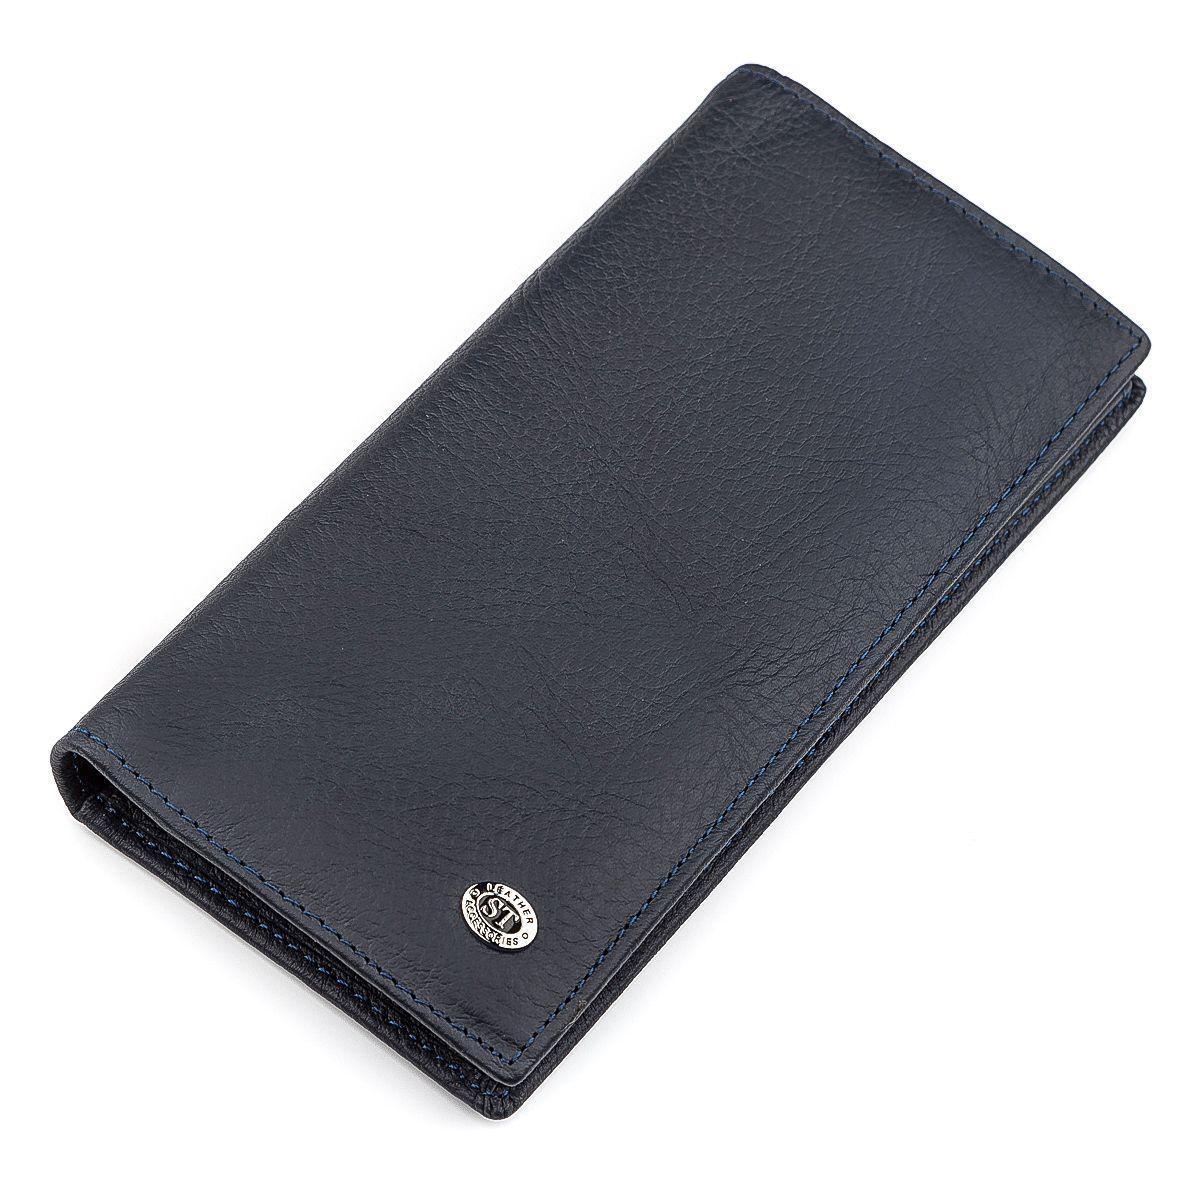 Мужской Купюрник St Leather 18370 (St148) Очень Удобный Синий, Синий